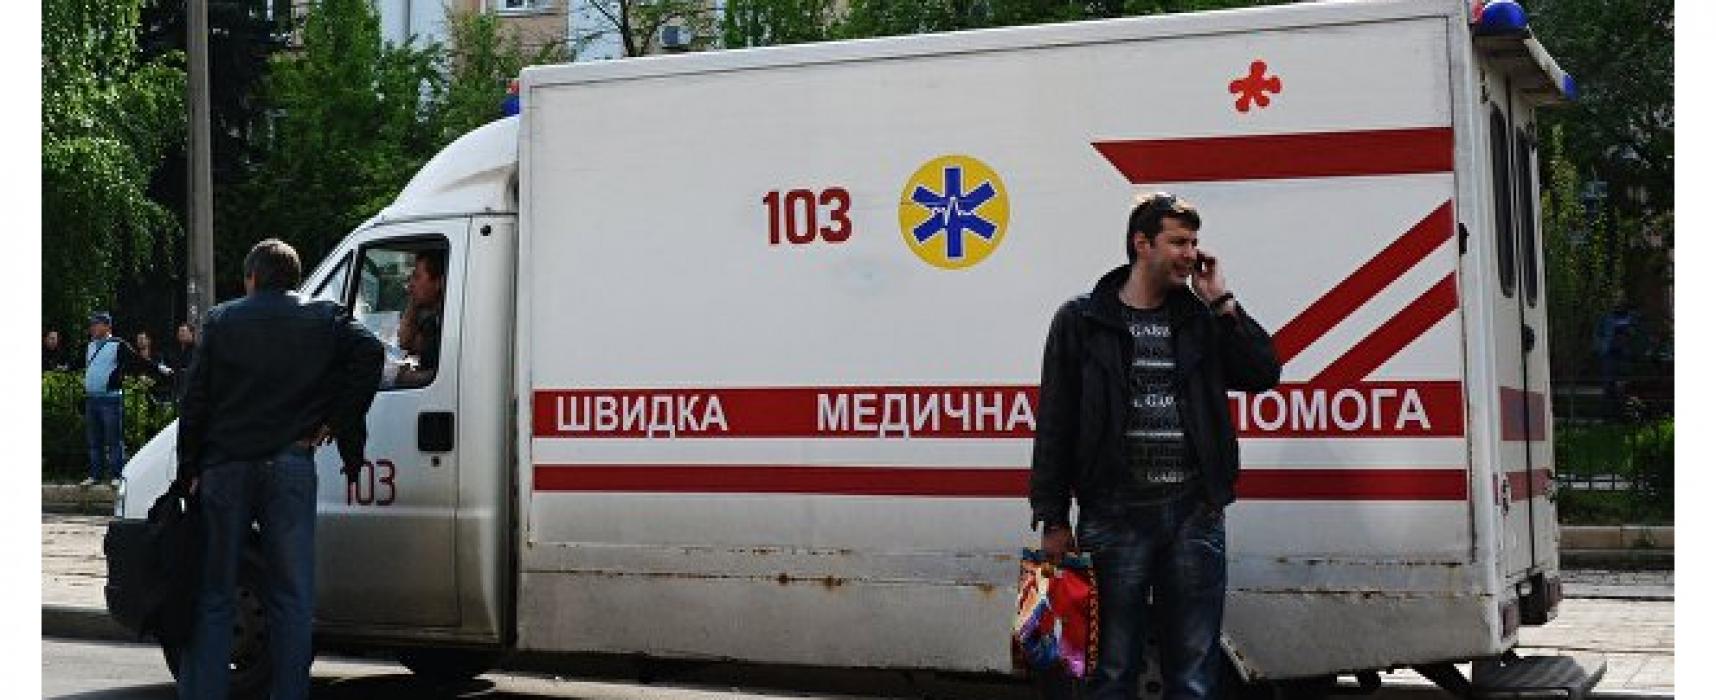 Фейк: В Украине уволят всех фельдшеров